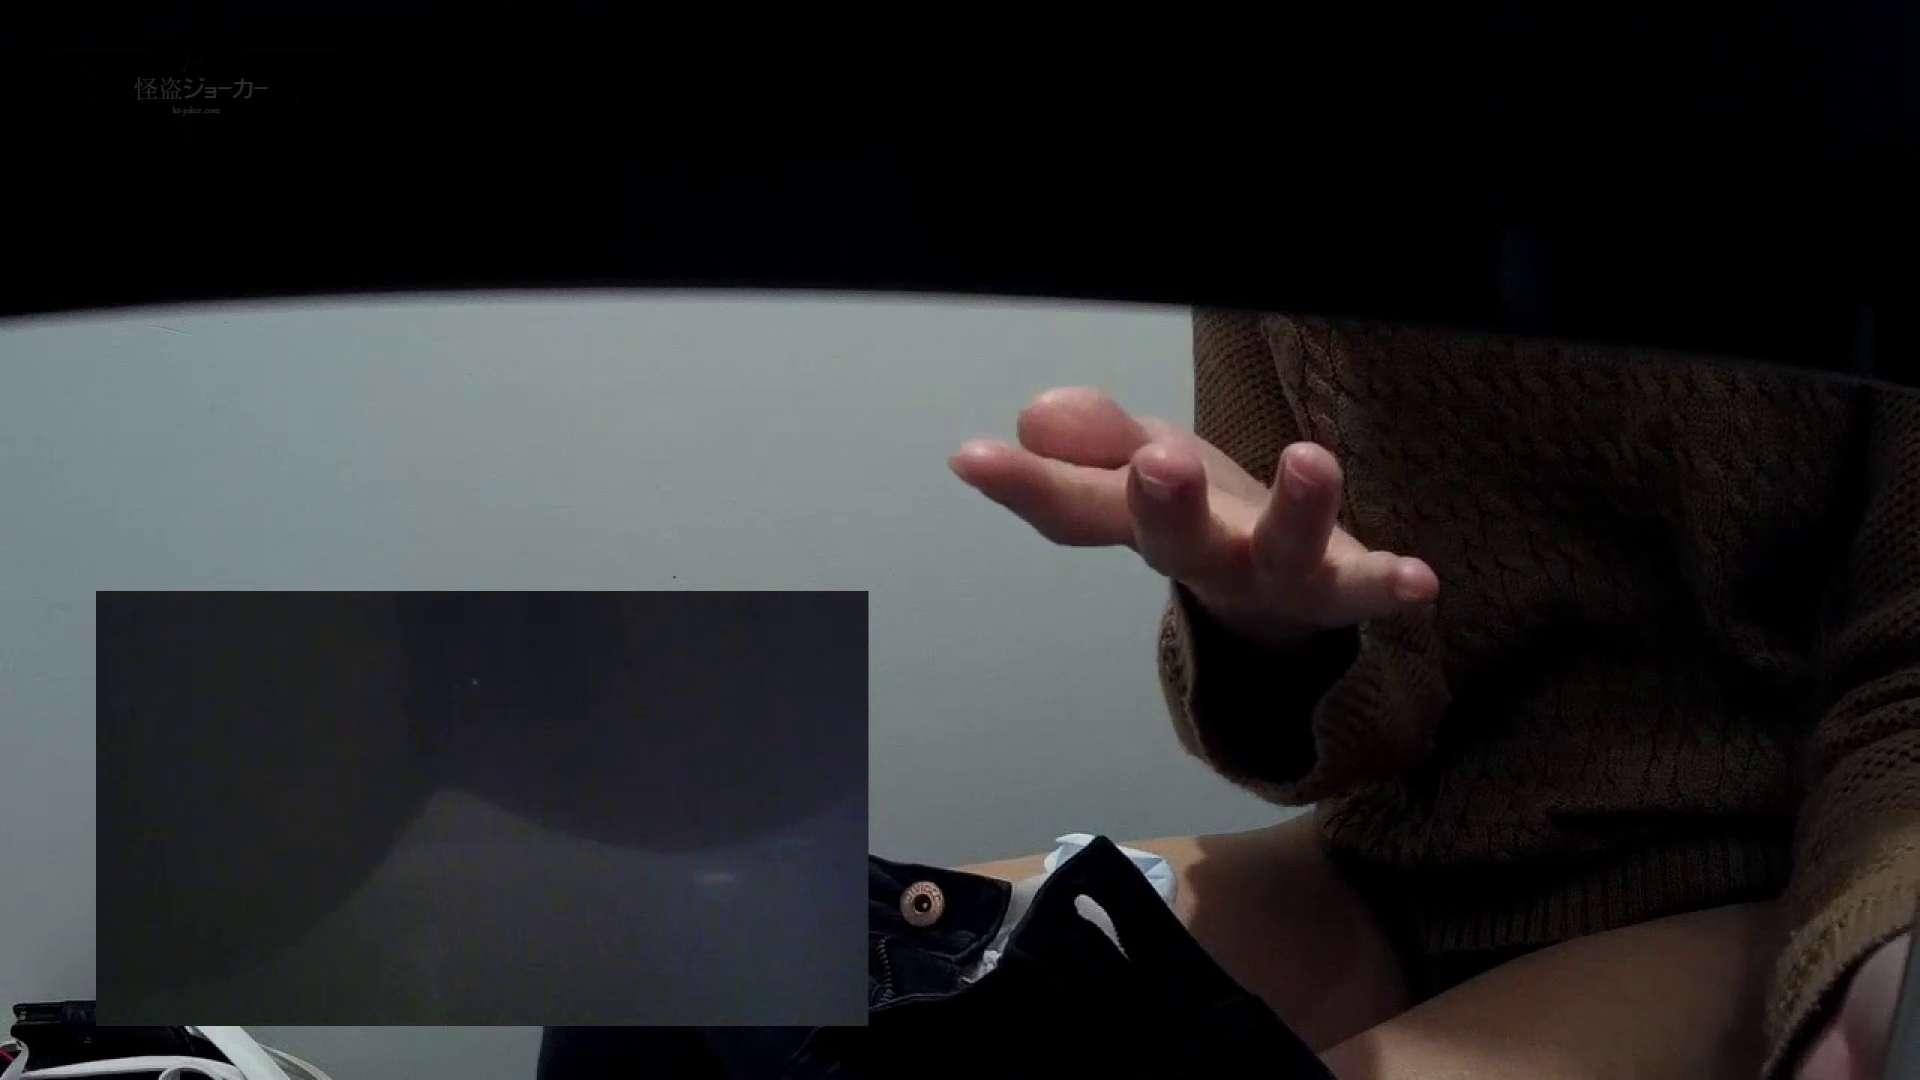 有名大学女性洗面所 vol.54 設置撮影最高峰!! 3視点でじっくり観察 OLの実態 のぞきおめこ無修正画像 97pic 38